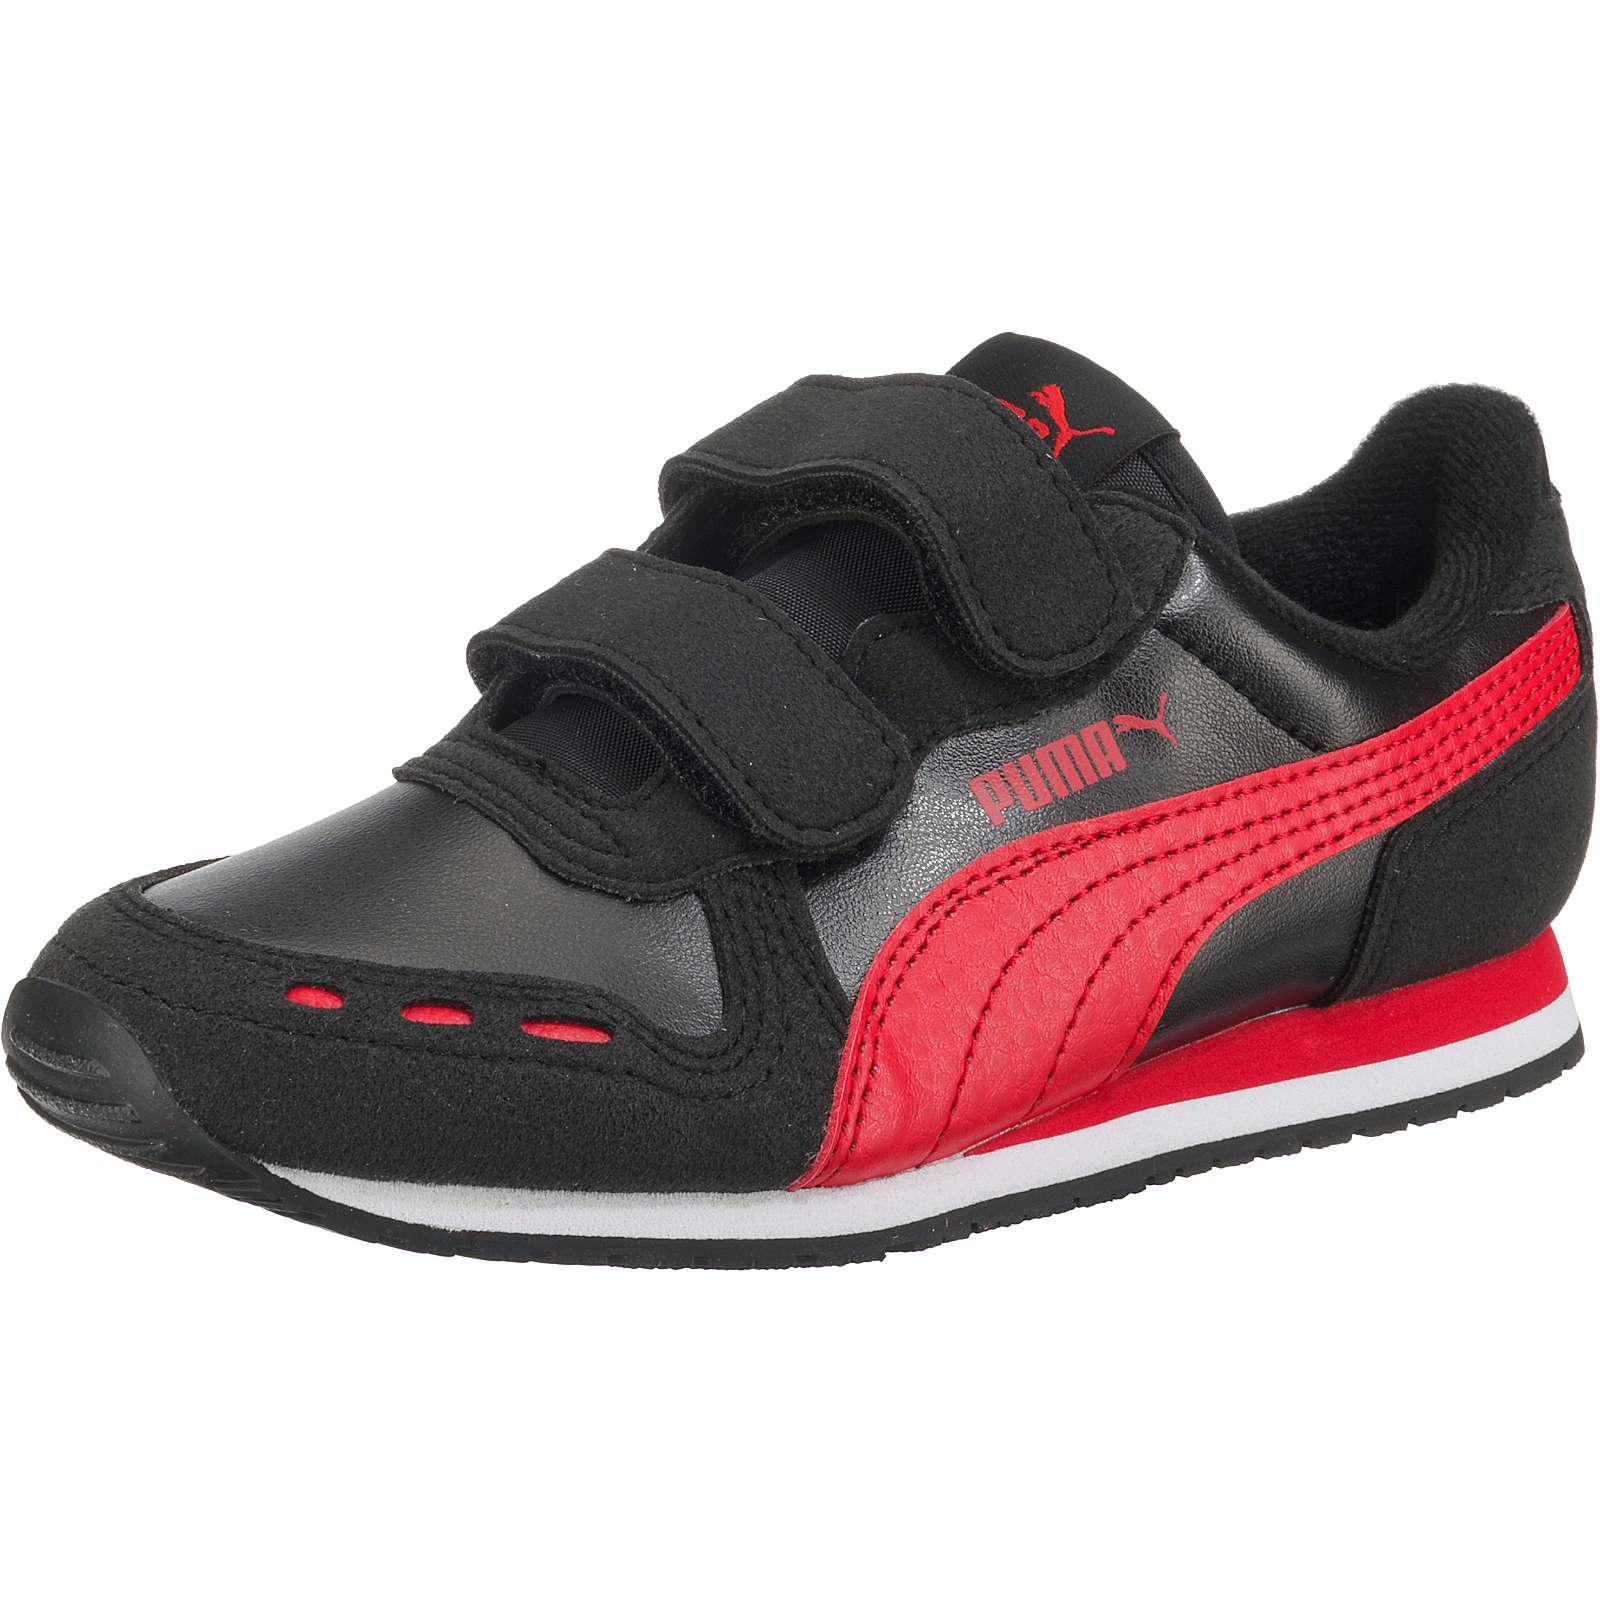 PUMA Kinder Sneakers Low CABANA RACER SL V PS schwarz Gr. 34